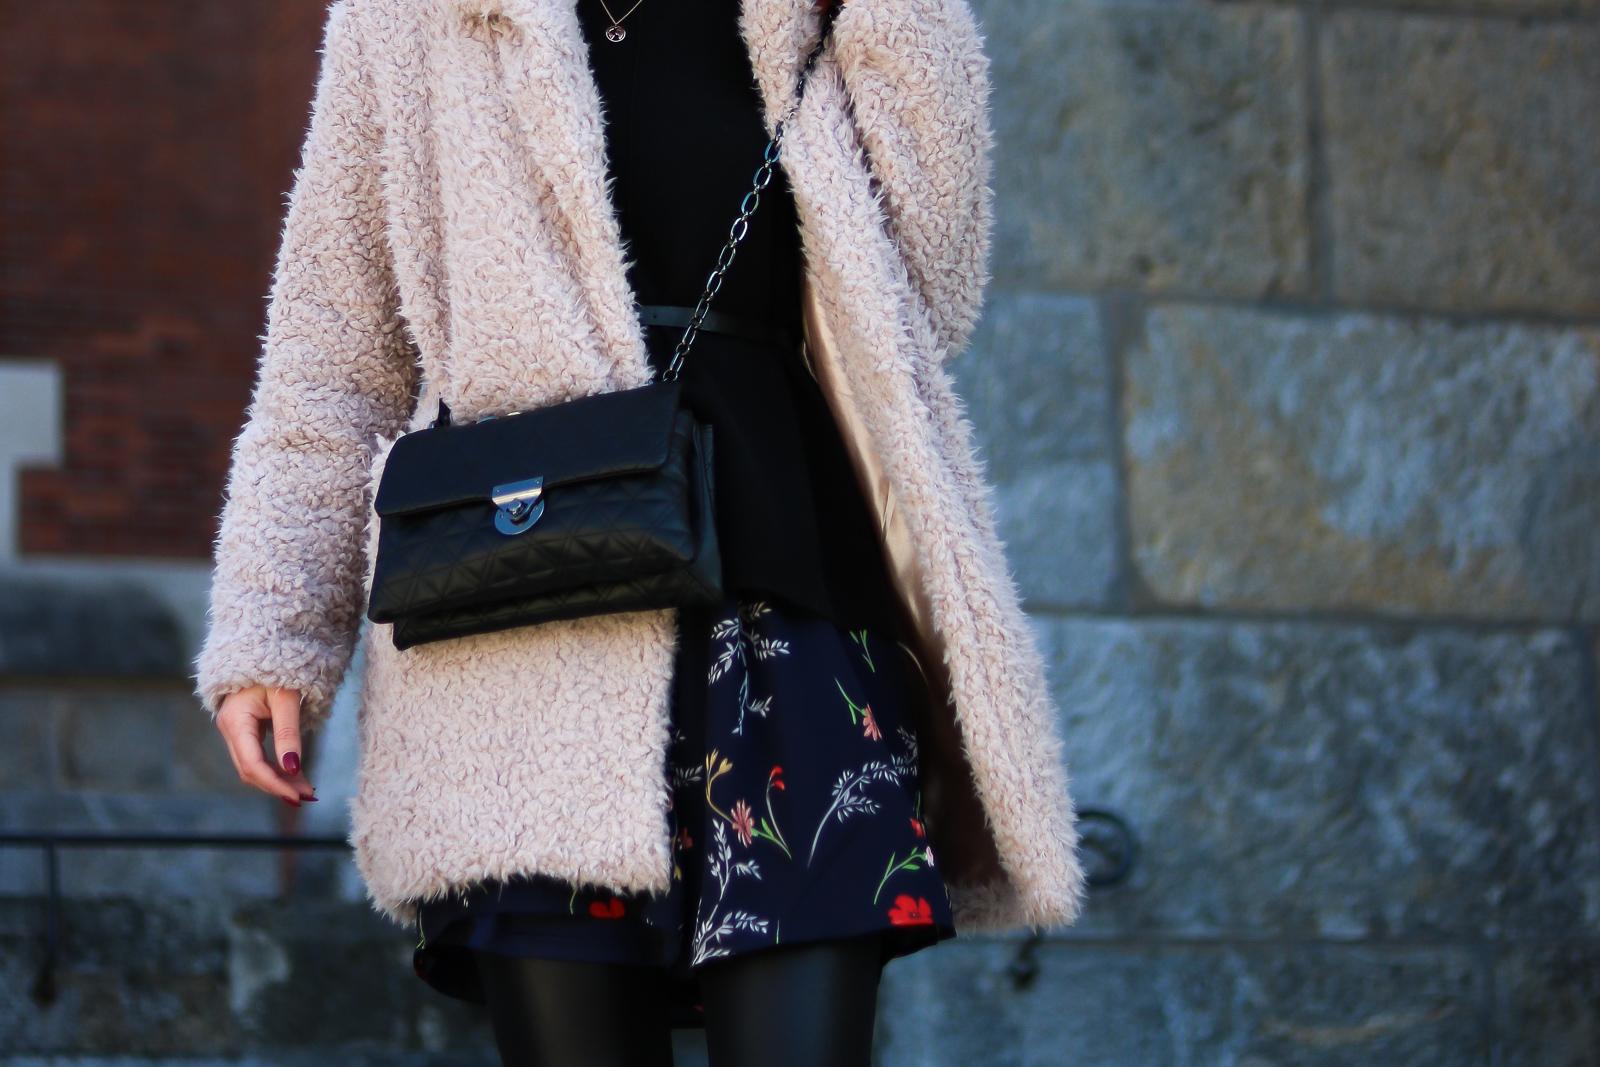 Der Teddy Coat - ein winterlicher Modetrend für jedermann - Mantel styling Idee - Teddy Coat kombinieren - flauschiger Mantel - Outfit mit Teddy Coat - Outfit Kleid im Winter - Mantel kombinieren - beiger Teddy Mantel - Streetstyle Kombination - gemütliches stylisches Outfit - Modetrend - alltagstauglicher Modetrend - Fashionladyloves by Tamara Wagner - Fashion Blog - Mode Blog aus Graz Österreich